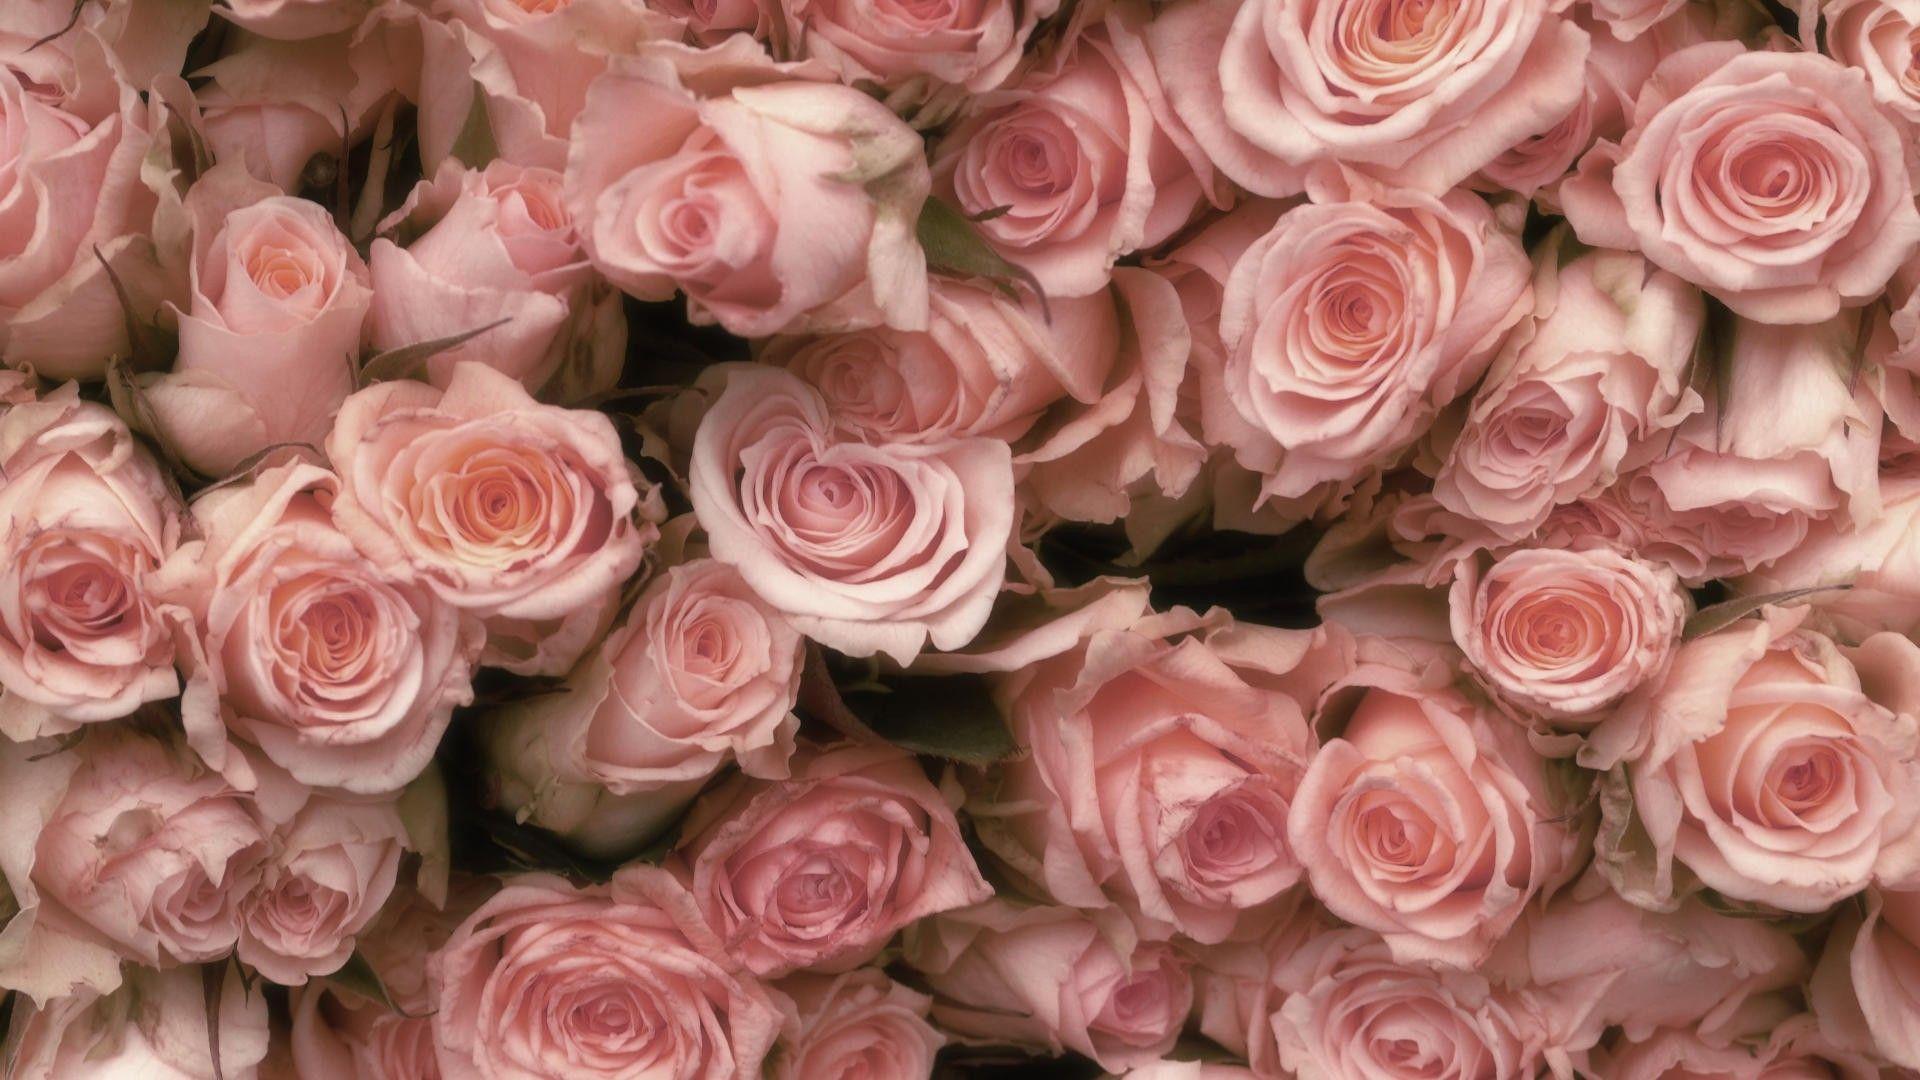 Vintage Rose Wallpapers Top Free Vintage Rose Backgrounds